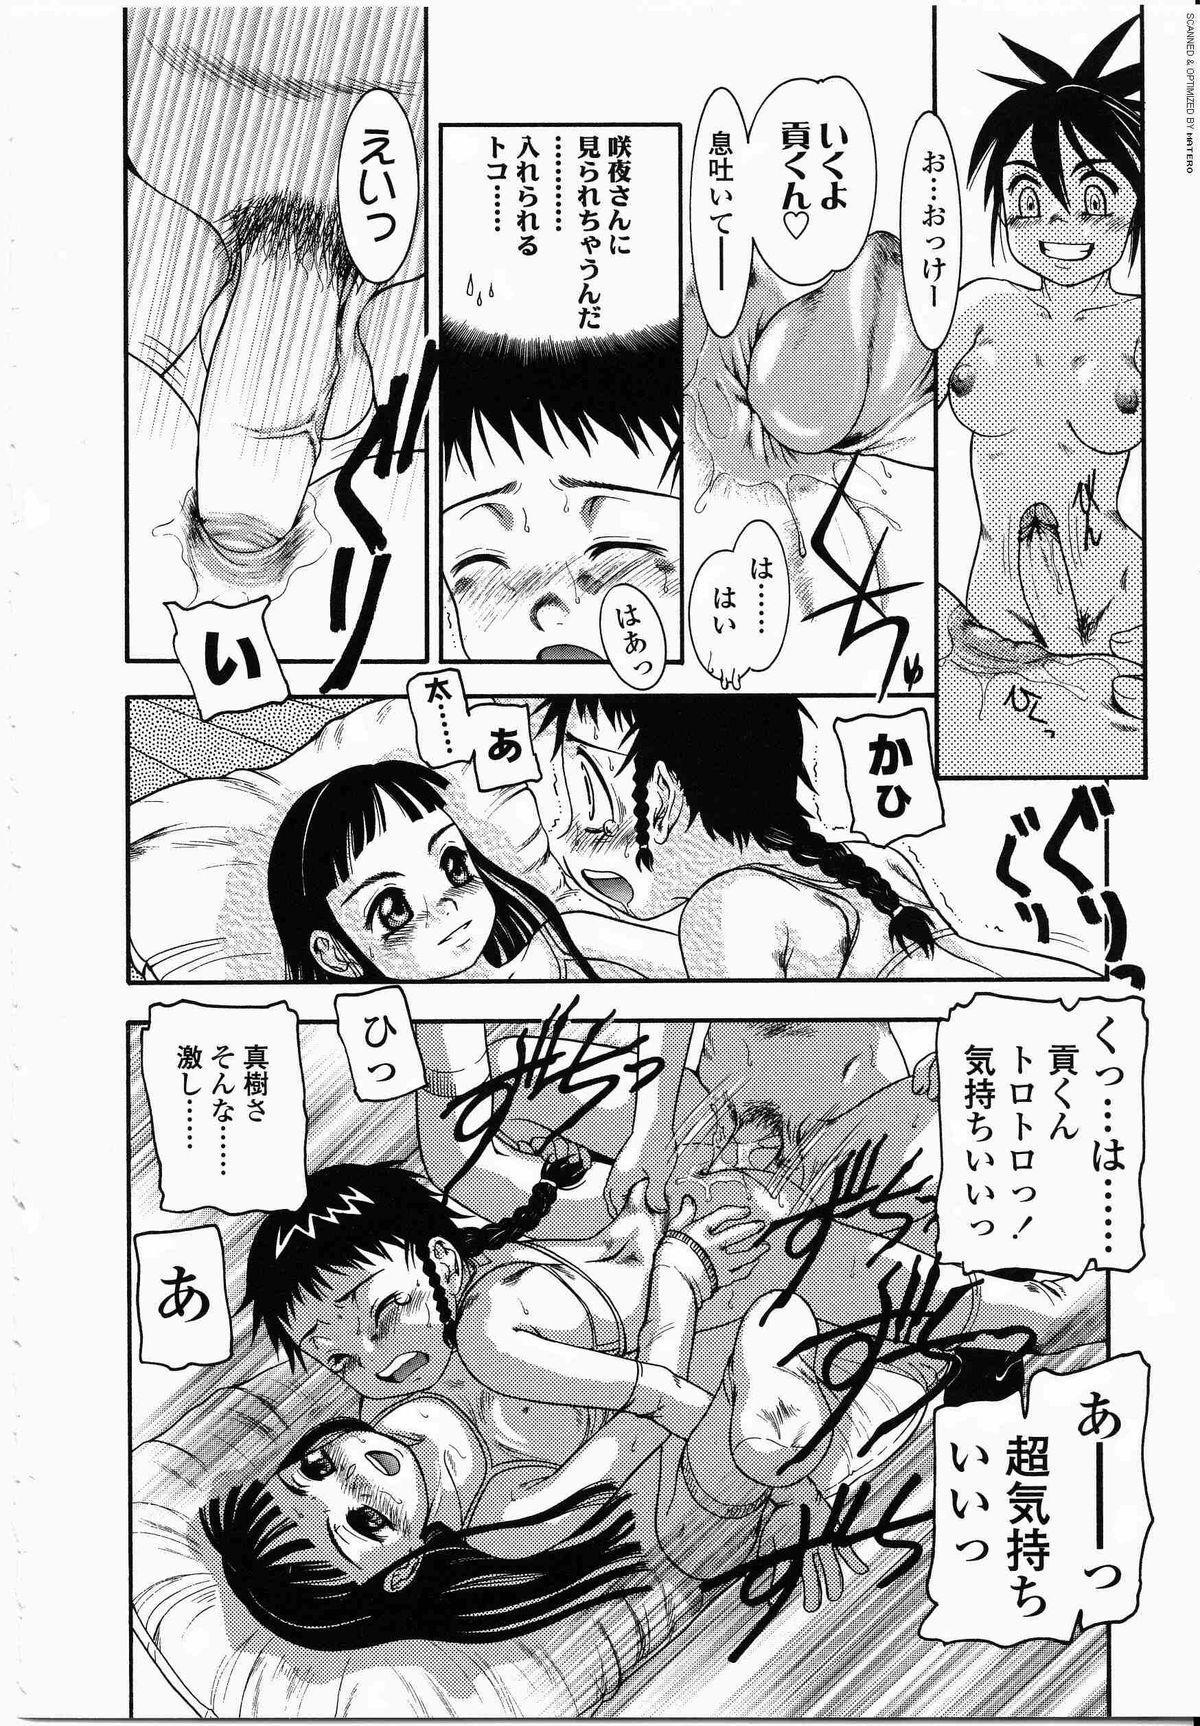 Futanarikko LOVE 8 140